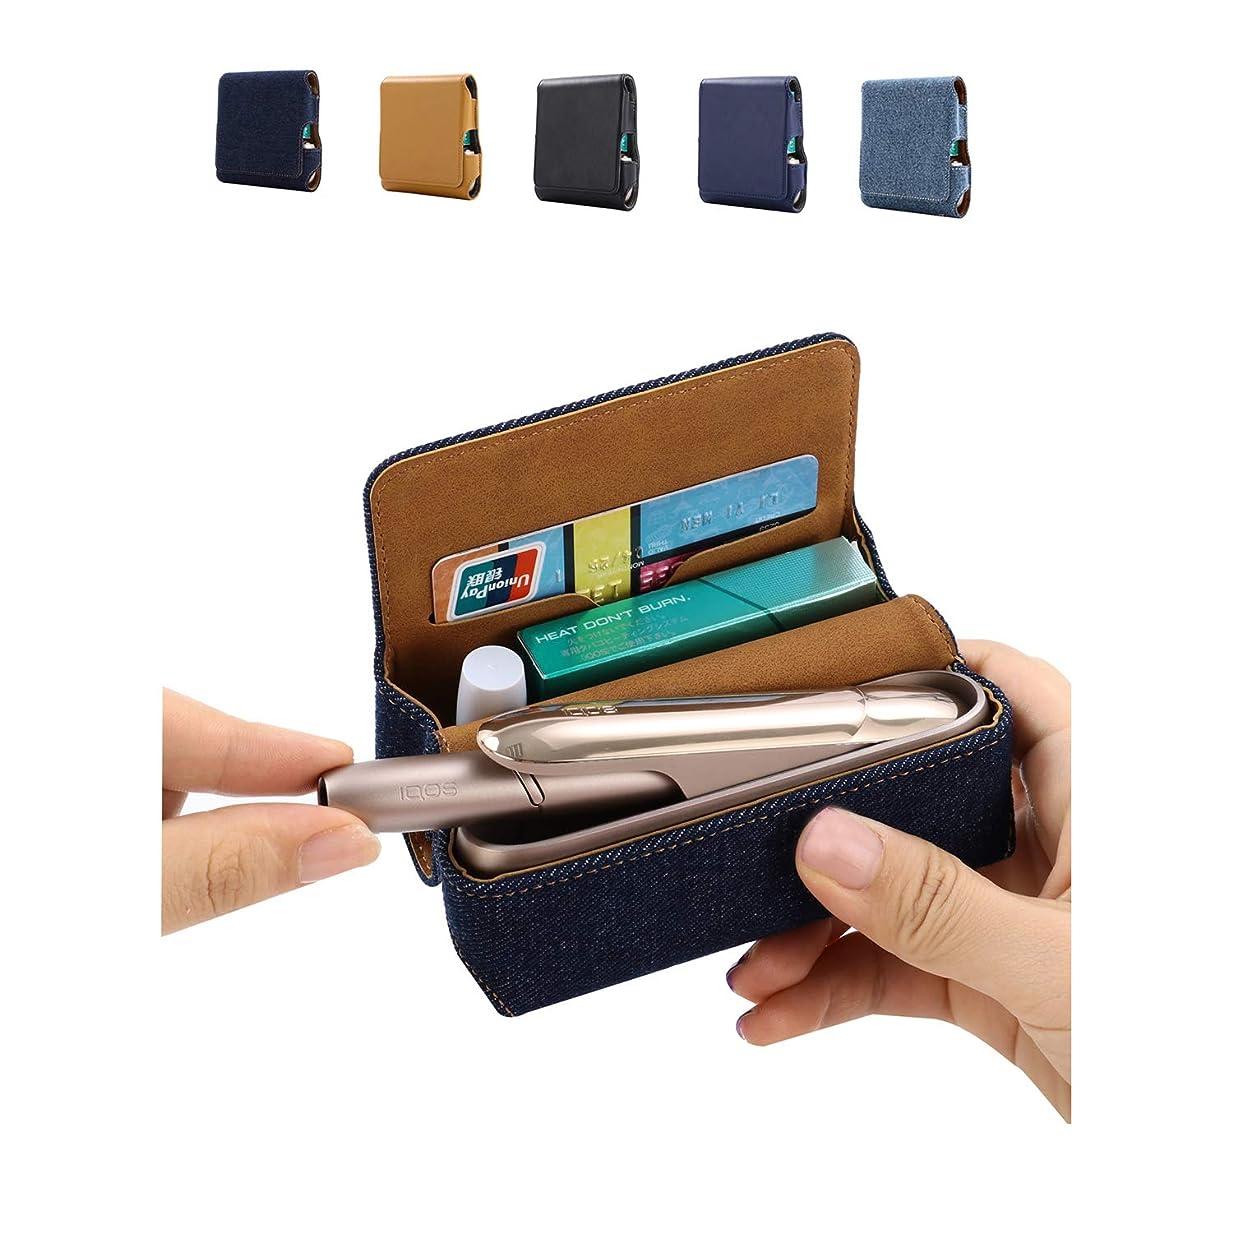 学校教育士気大臣IQOS3 ケース アイコス3 ケース PUレザー ケース IQOS3.0アイコス3.0 ケース 保護ケース カバー TPU+PU カバー 耐衝撃 指紋防止 プレゼント(紺碧)